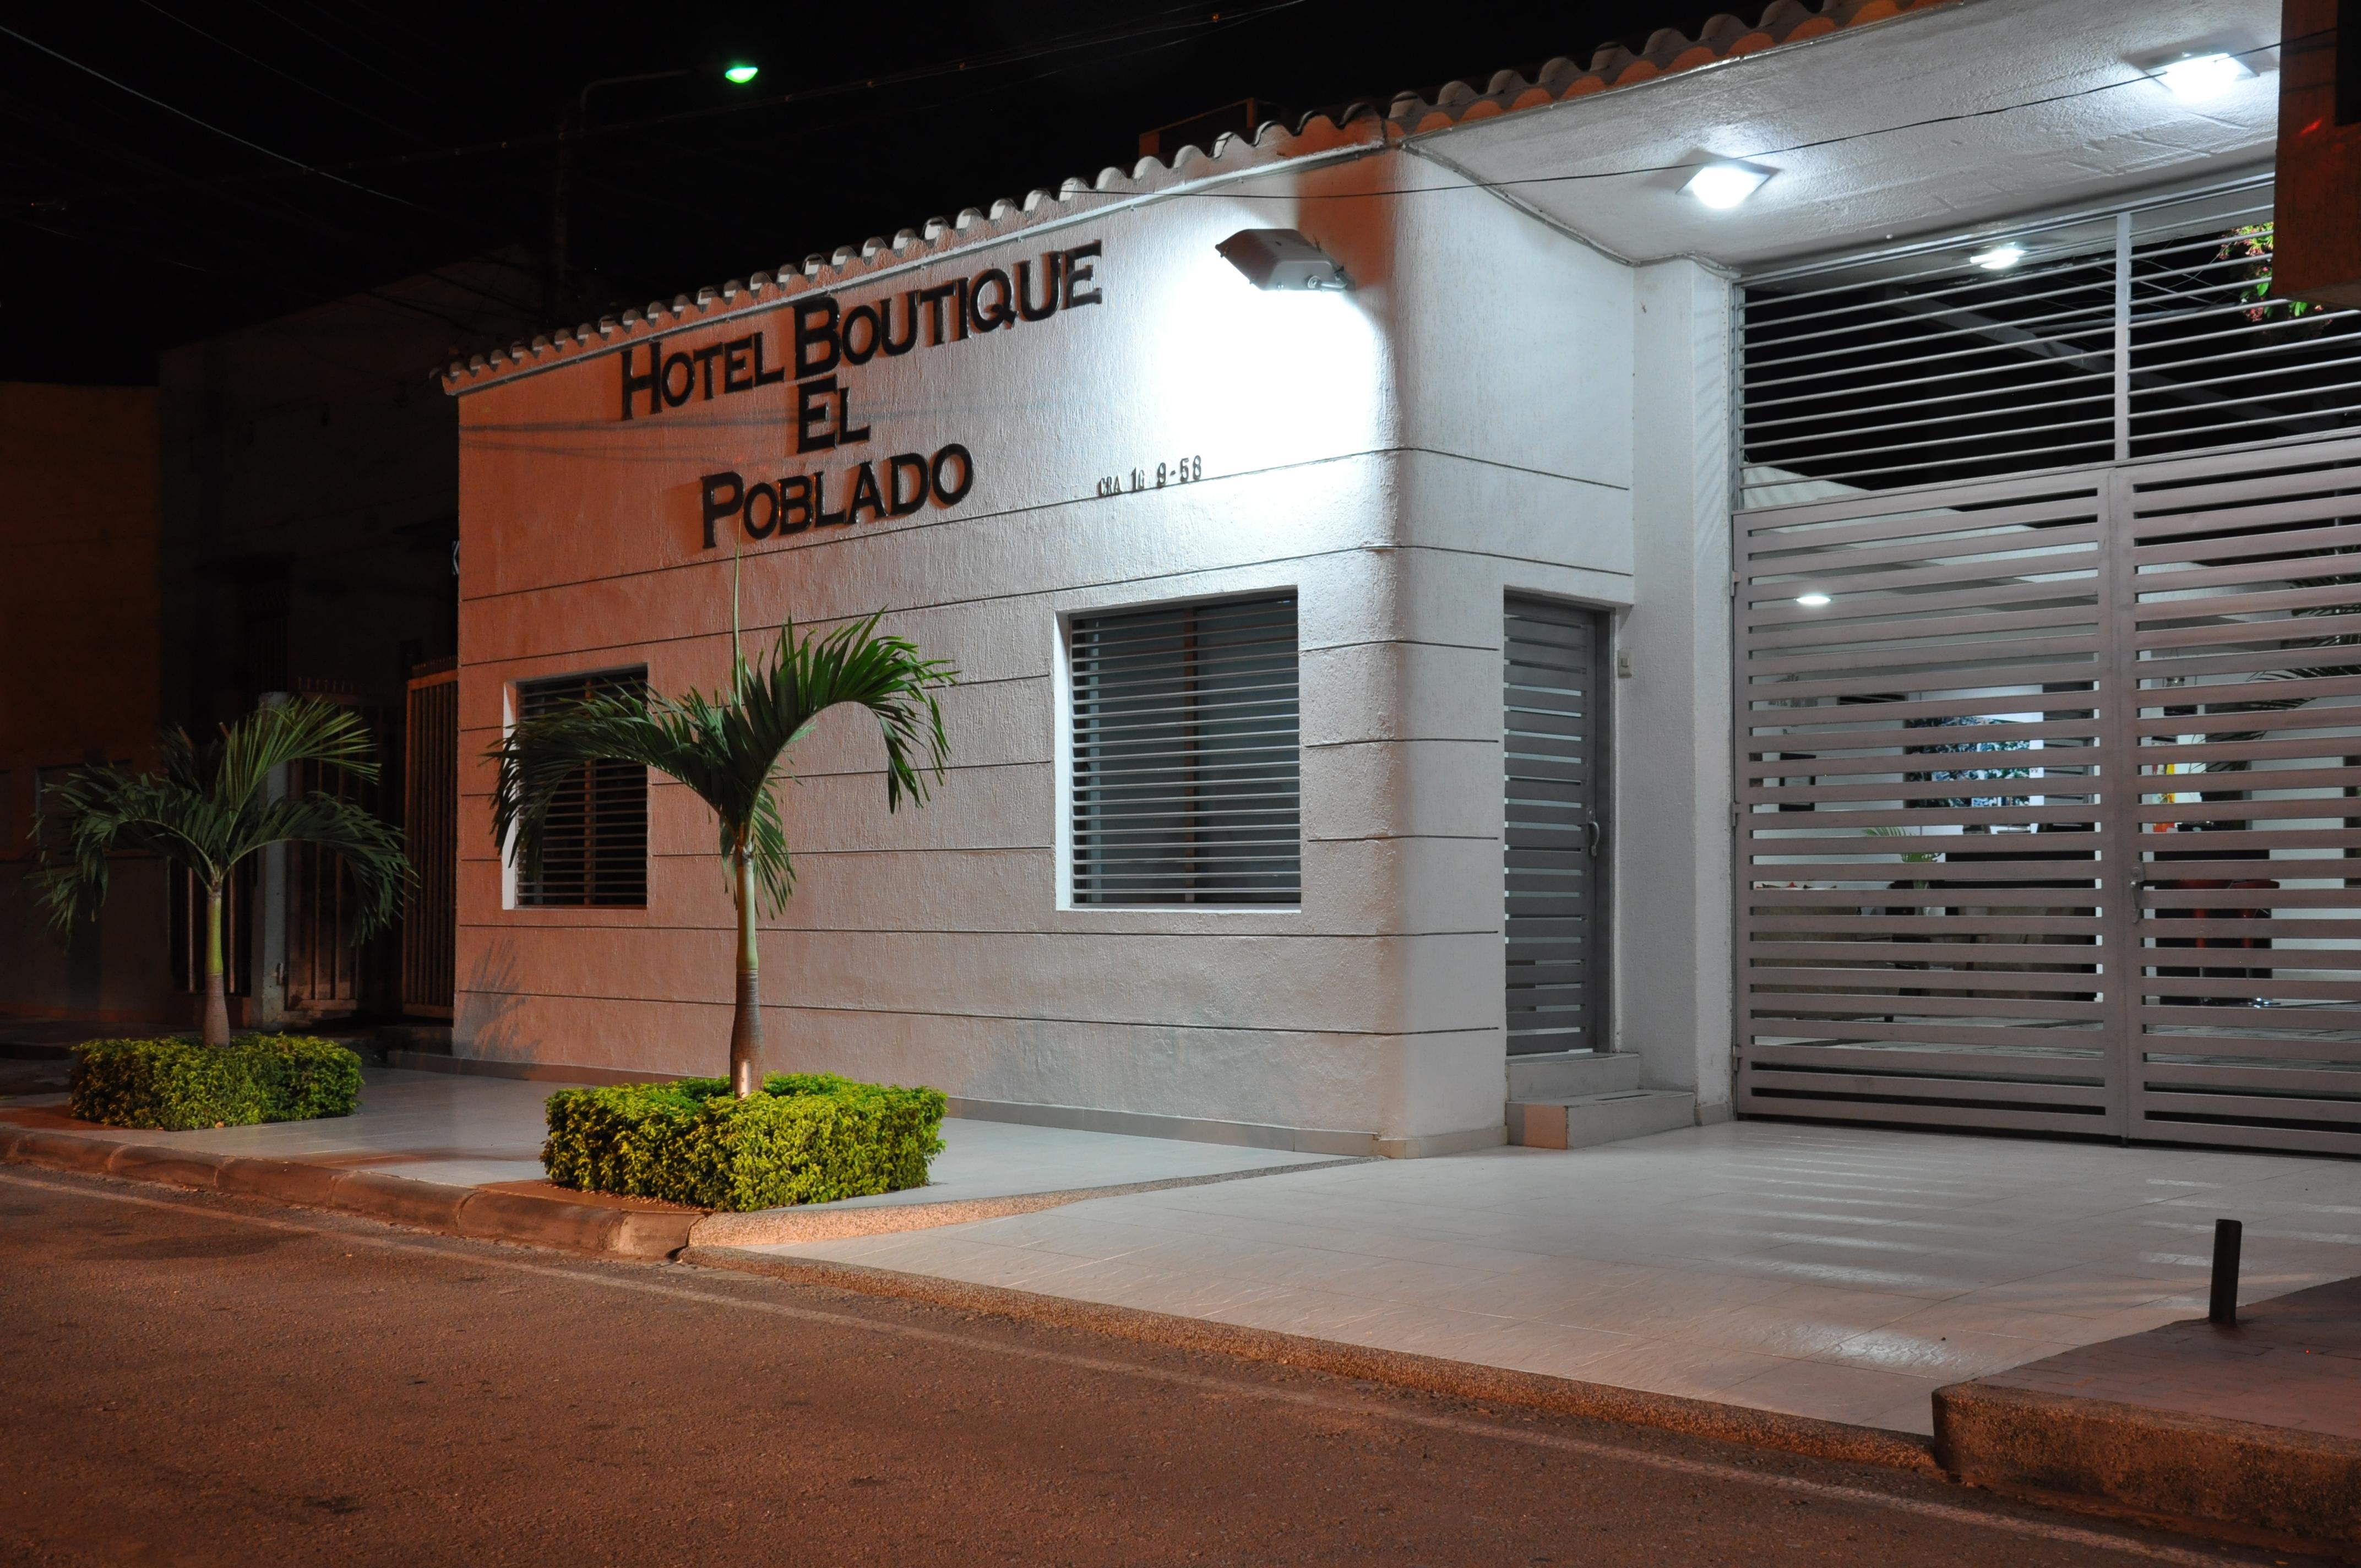 Boutique El Poblado, Neiva